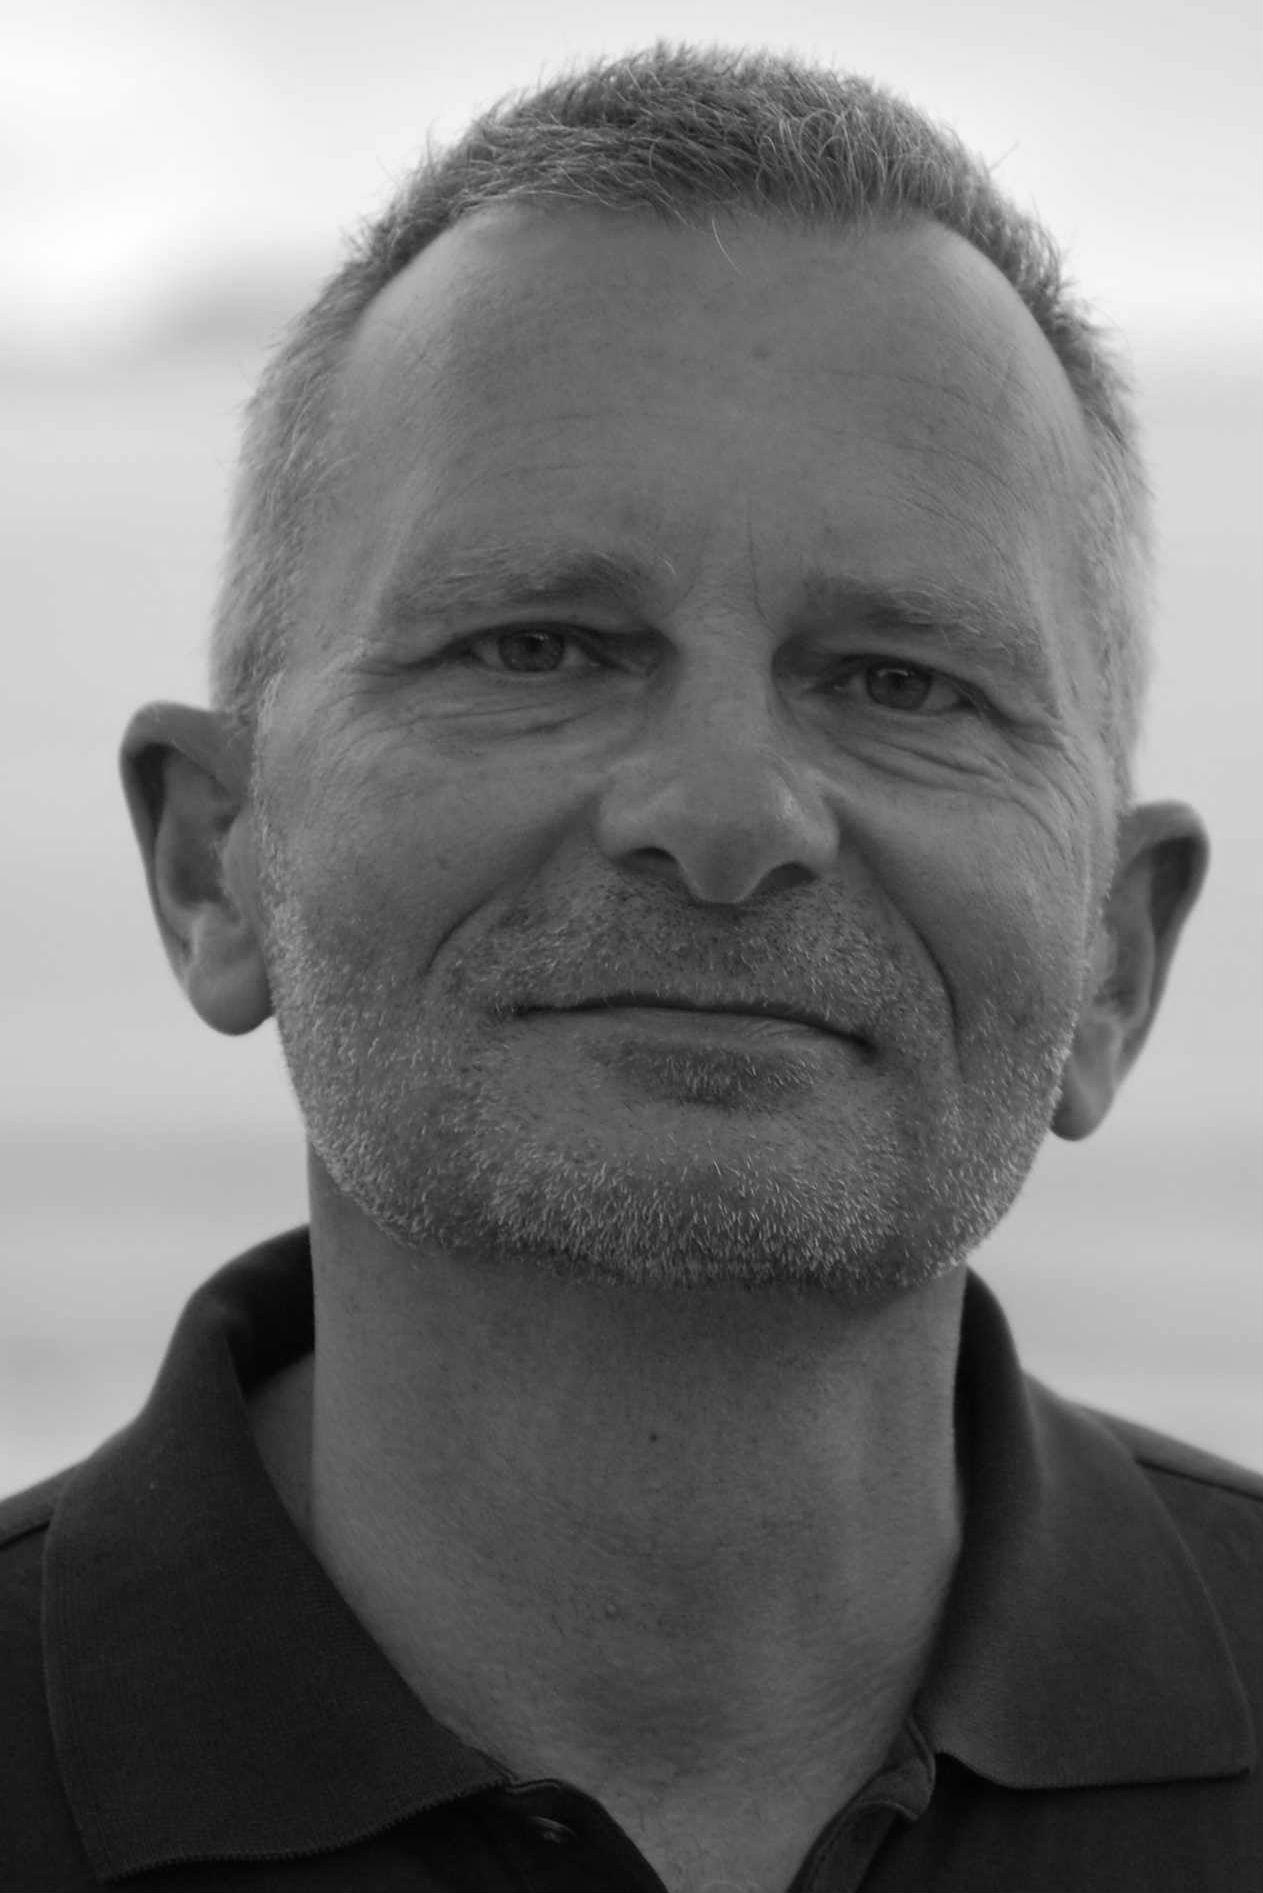 Manfred Hassebrauck